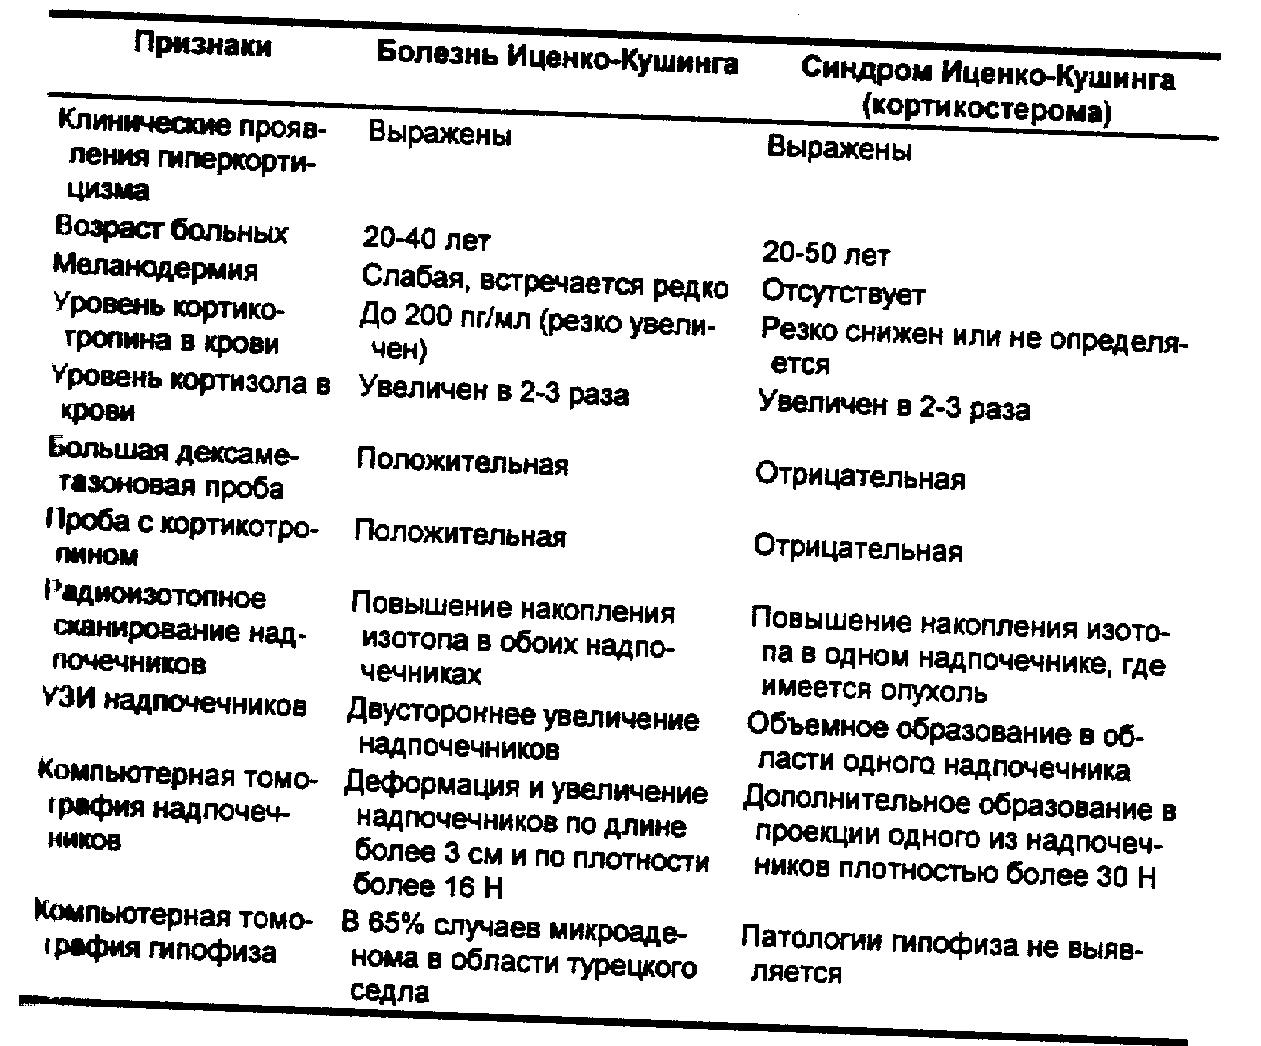 Реферат болезнь и синдром кушинга 3526